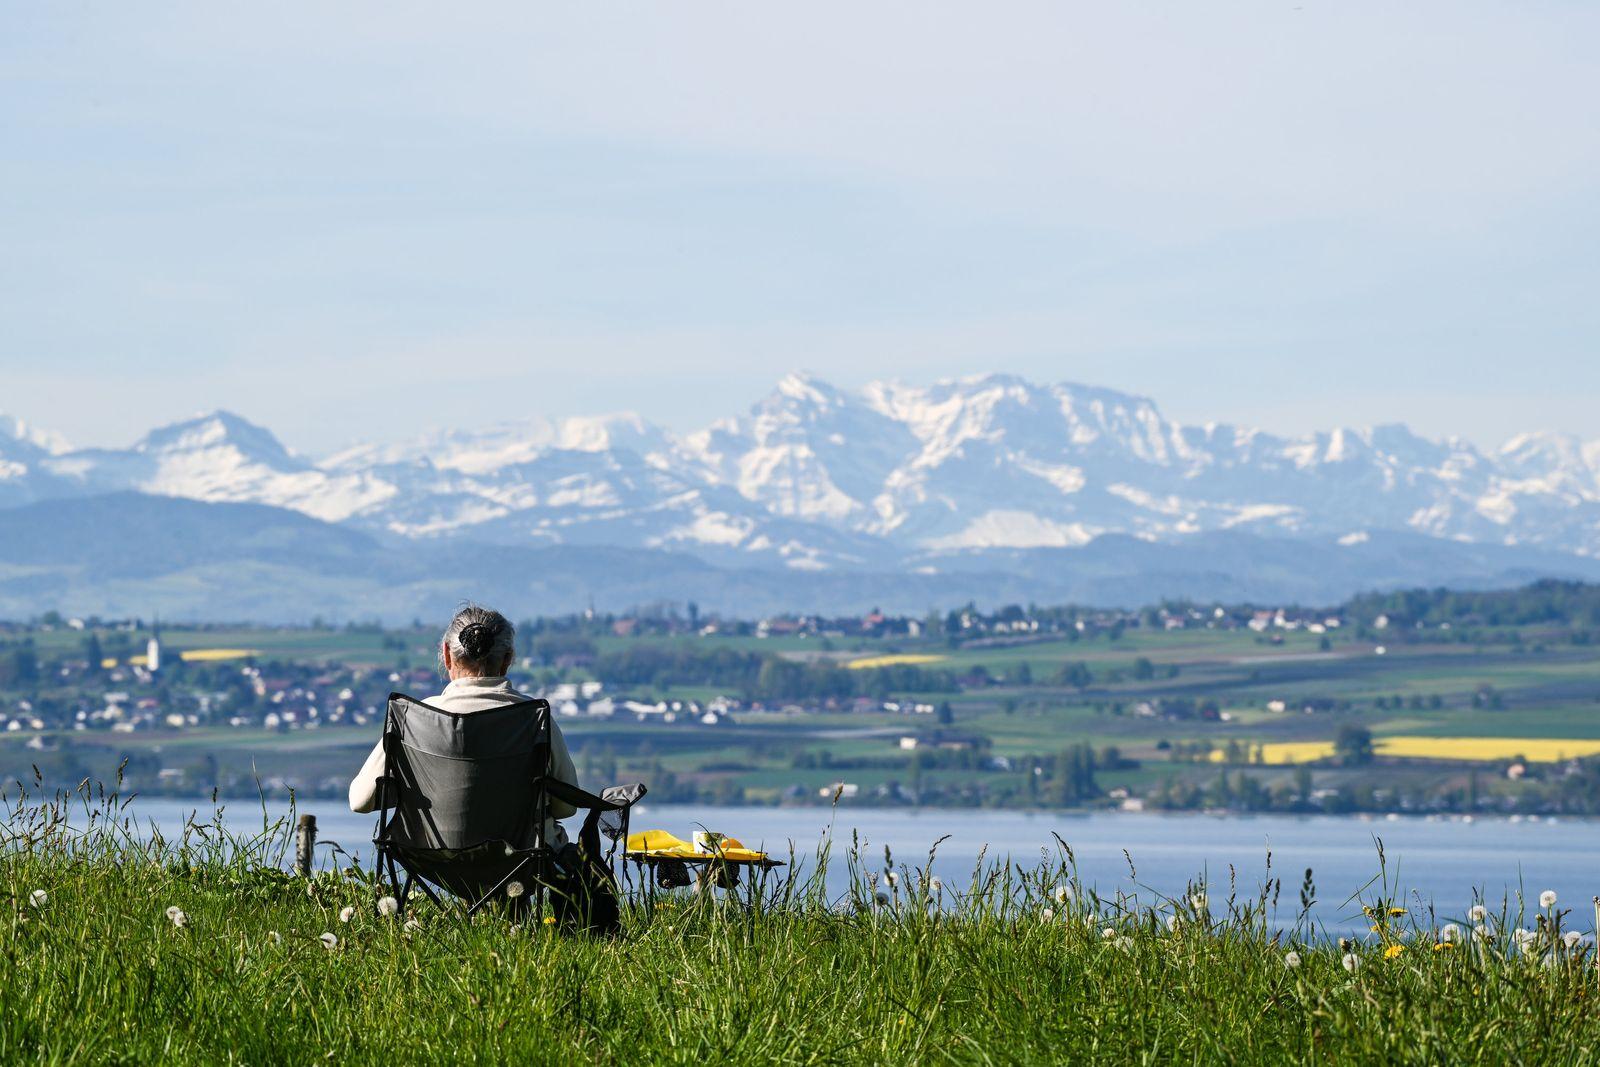 Sommerliche Temperaturen am Bodensee